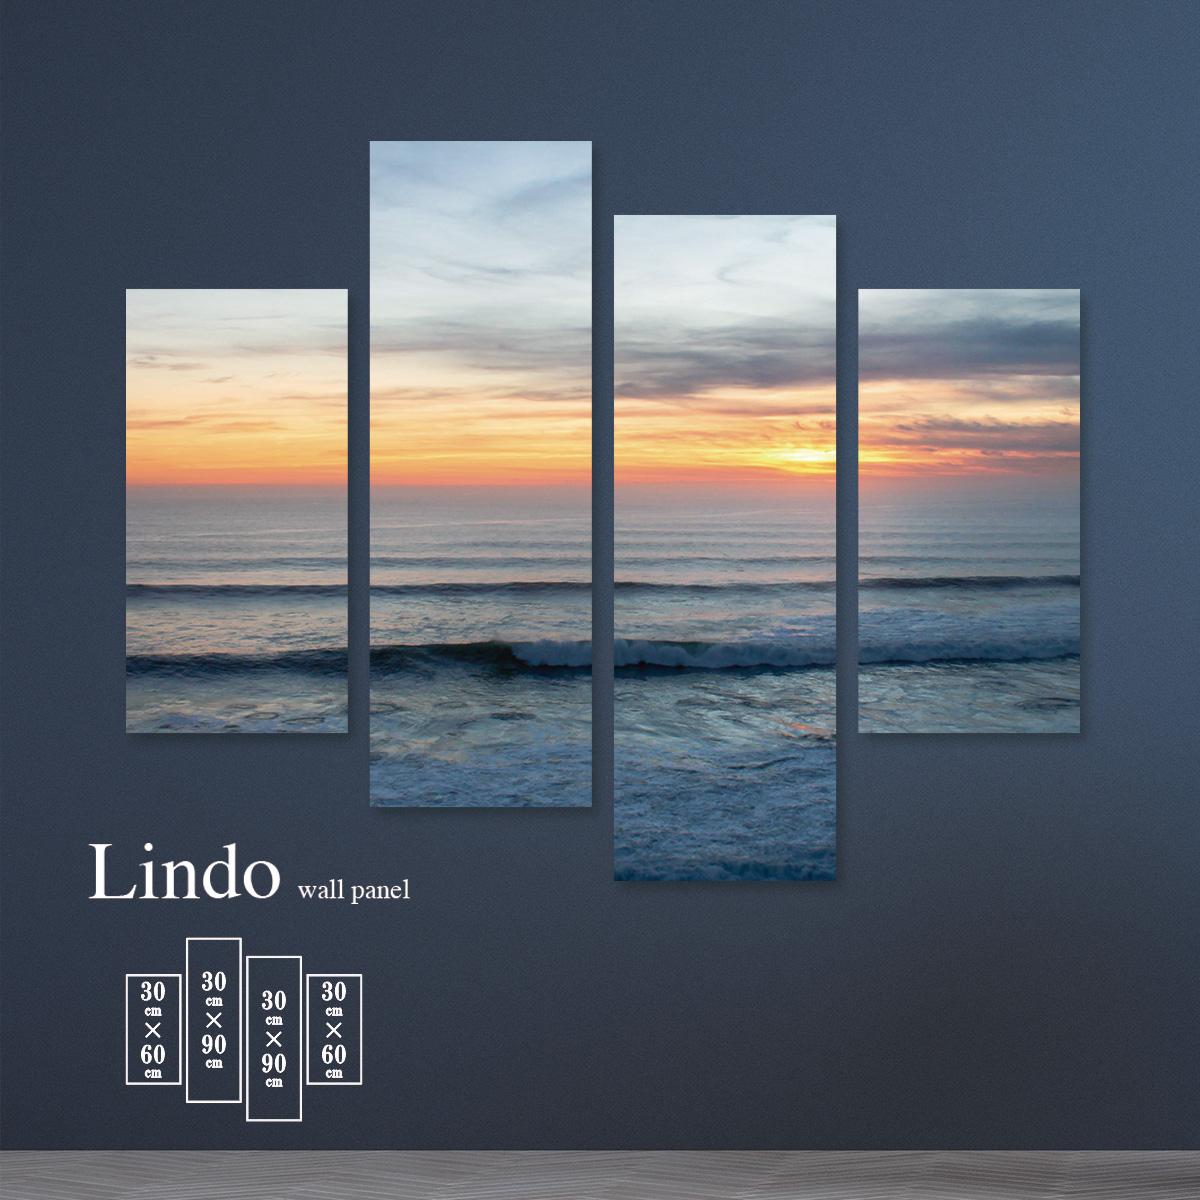 アートパネル 海 海面 海岸 浜辺 ビーチ 風景 景色 夕焼け 夕日 壁掛け 北欧 お洒落 デザイン ファブリック 壁飾り アートボード 4枚パネル